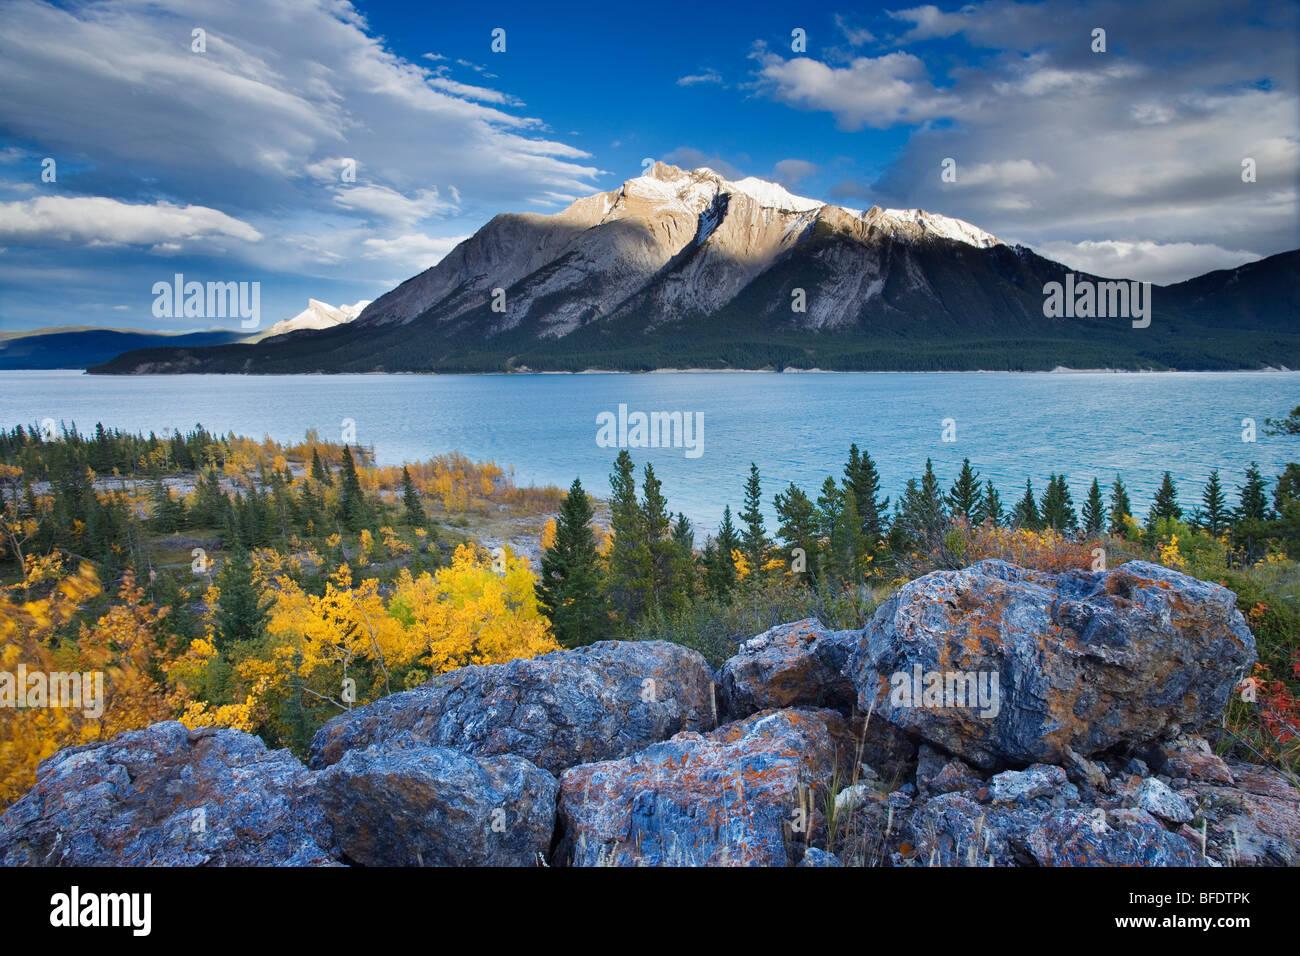 Le lac Abraham et le mont Michener, plaines de Kootenay, Alberta, Canada Photo Stock